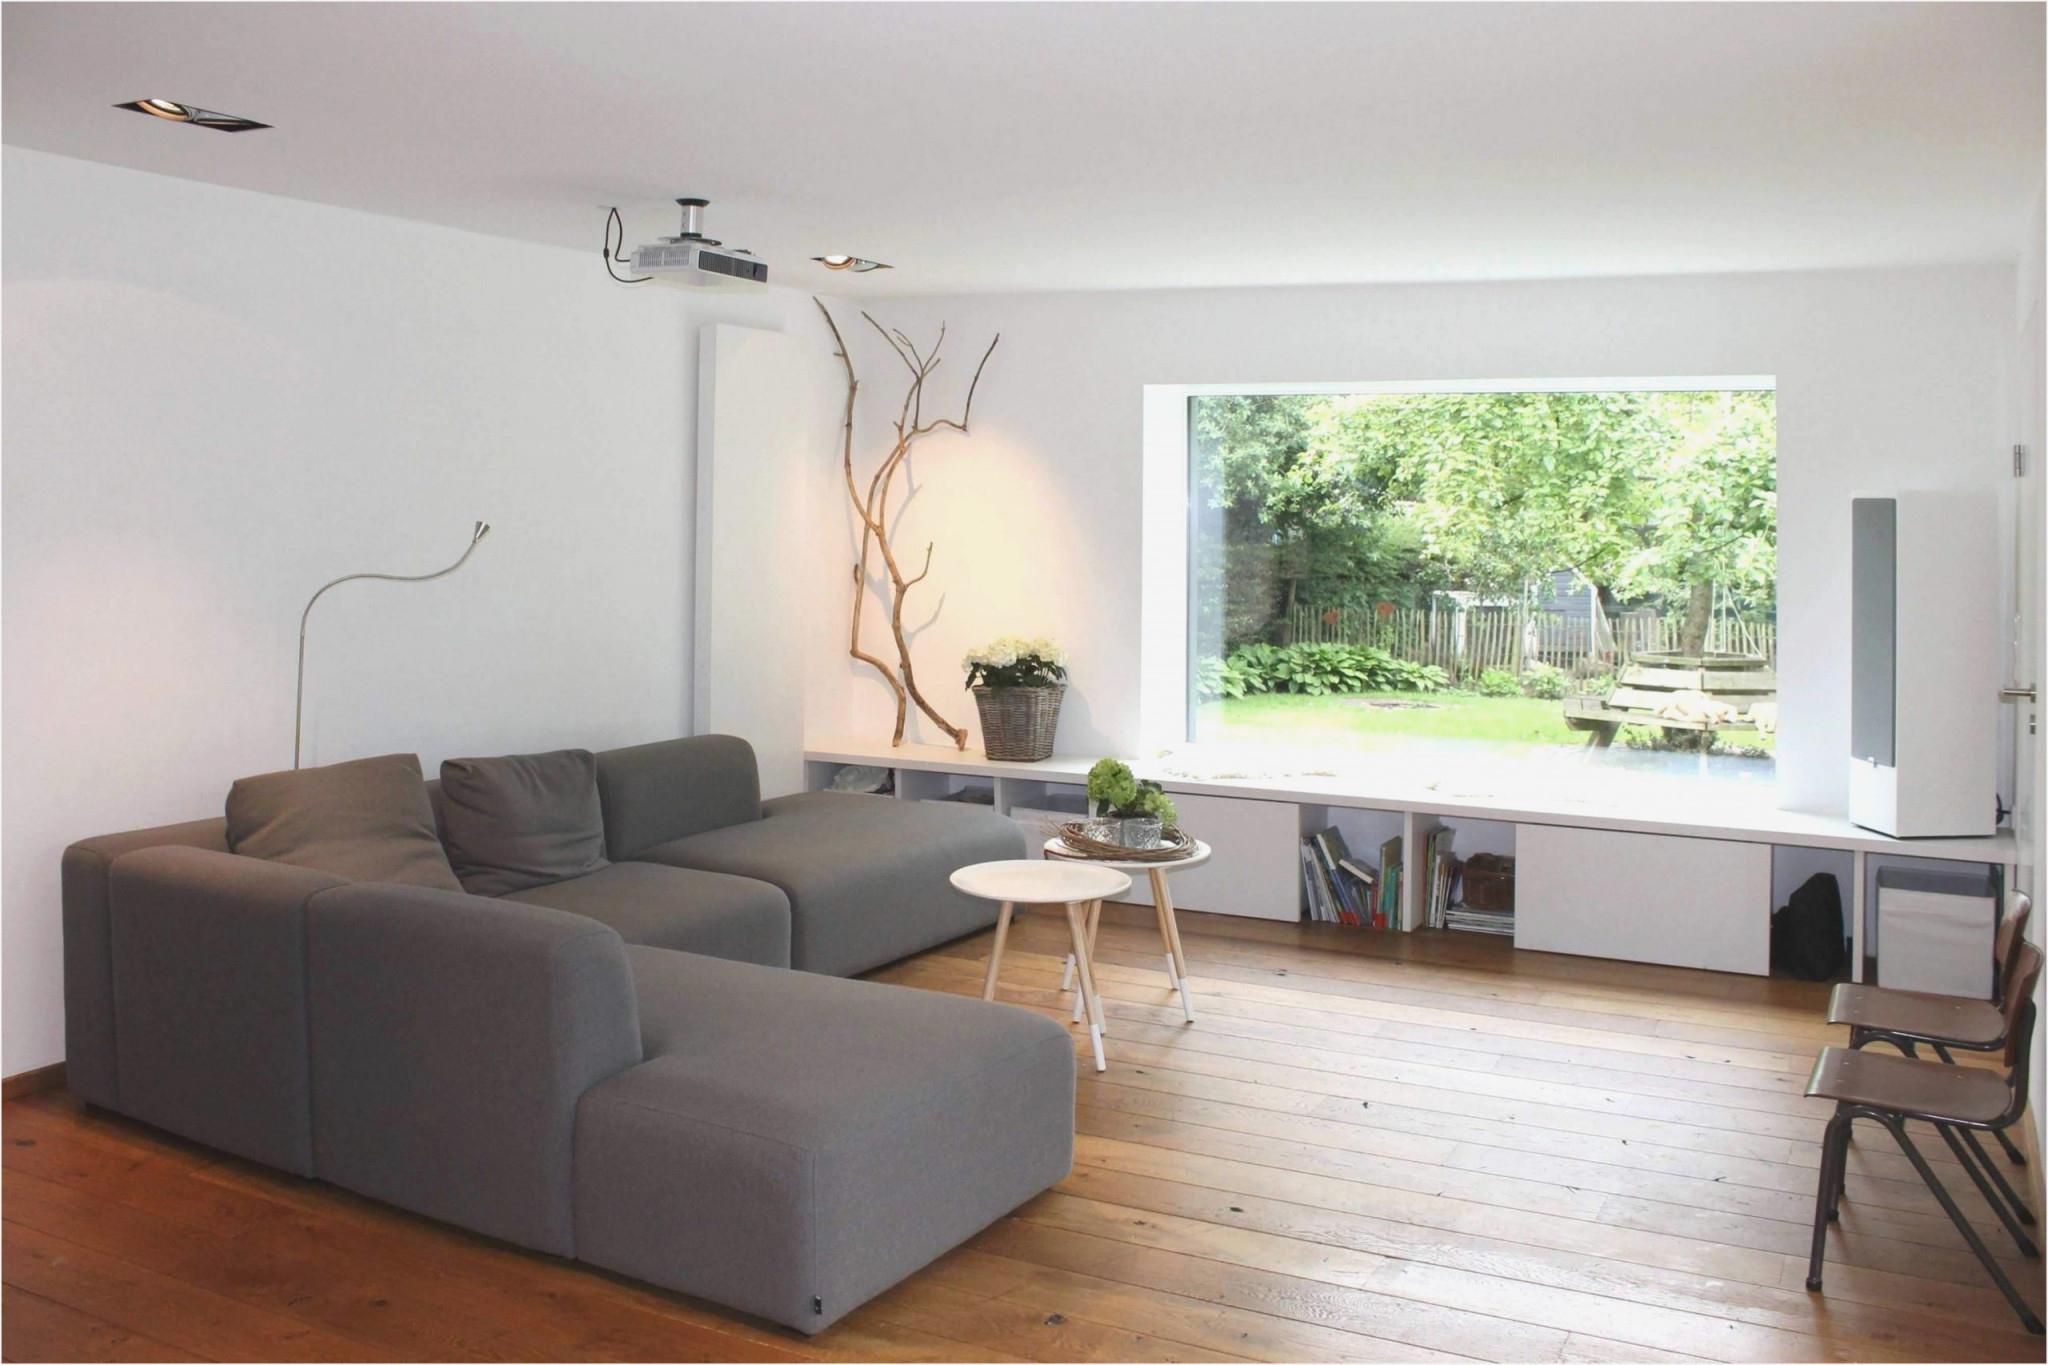 Wohnzimmer Bild Mit Rahmen  Wohnzimmer  Traumhaus von Bilder Mit Rahmen Für Wohnzimmer Photo